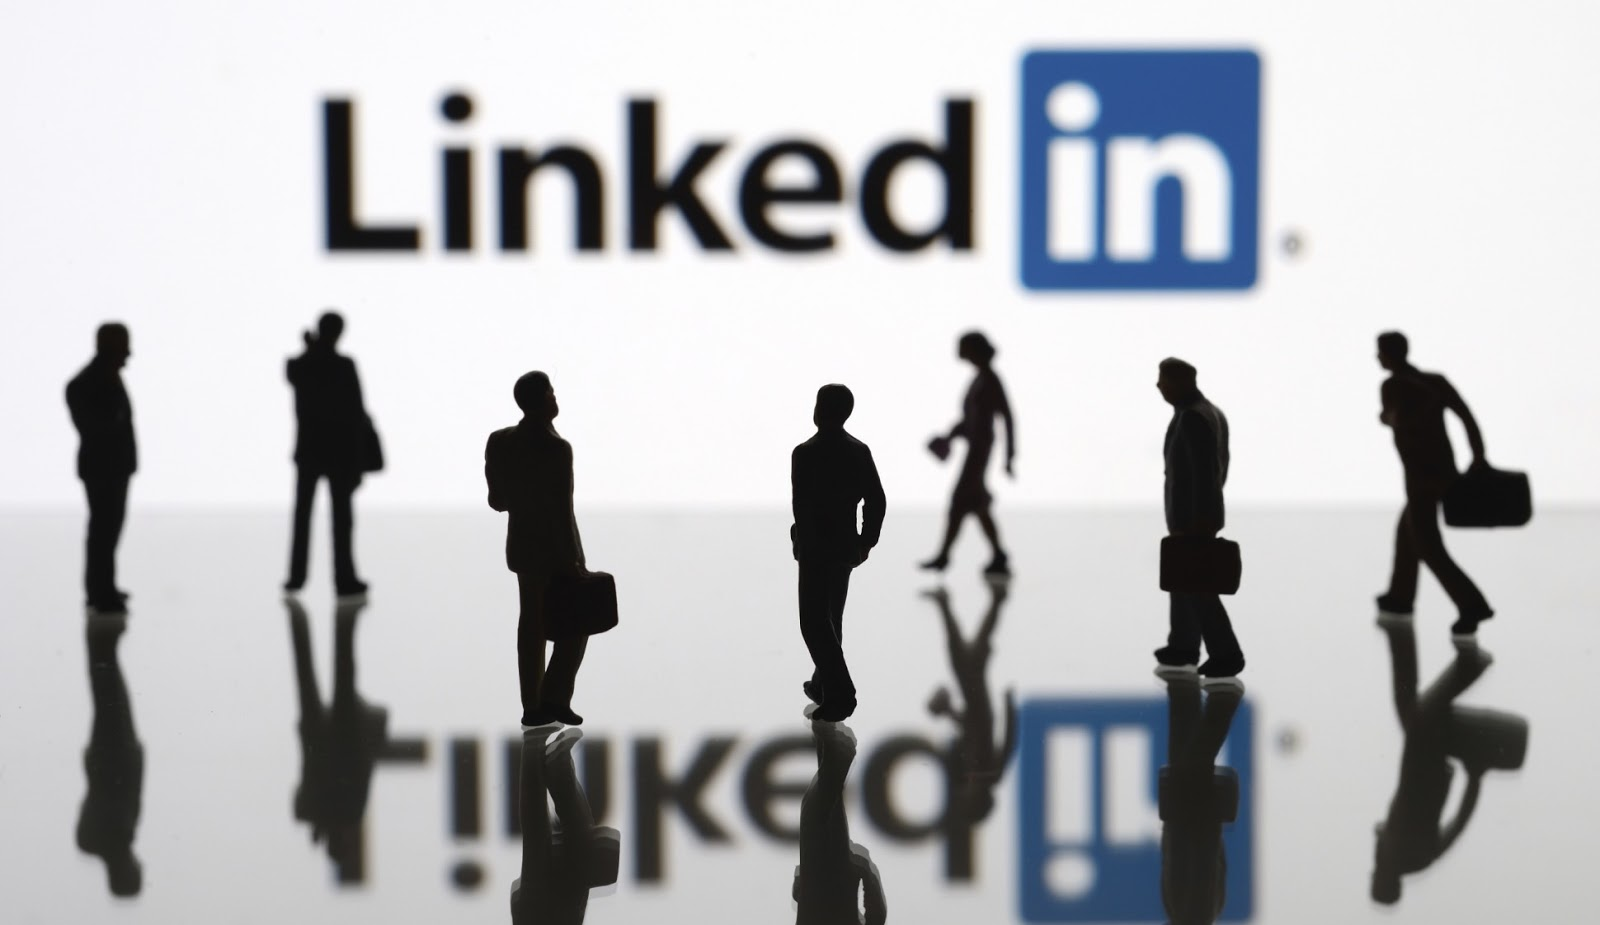 شبكة التواصل لينكدإن  LinkedIn تجاوز مستخدميها 500 مليون مستخدم